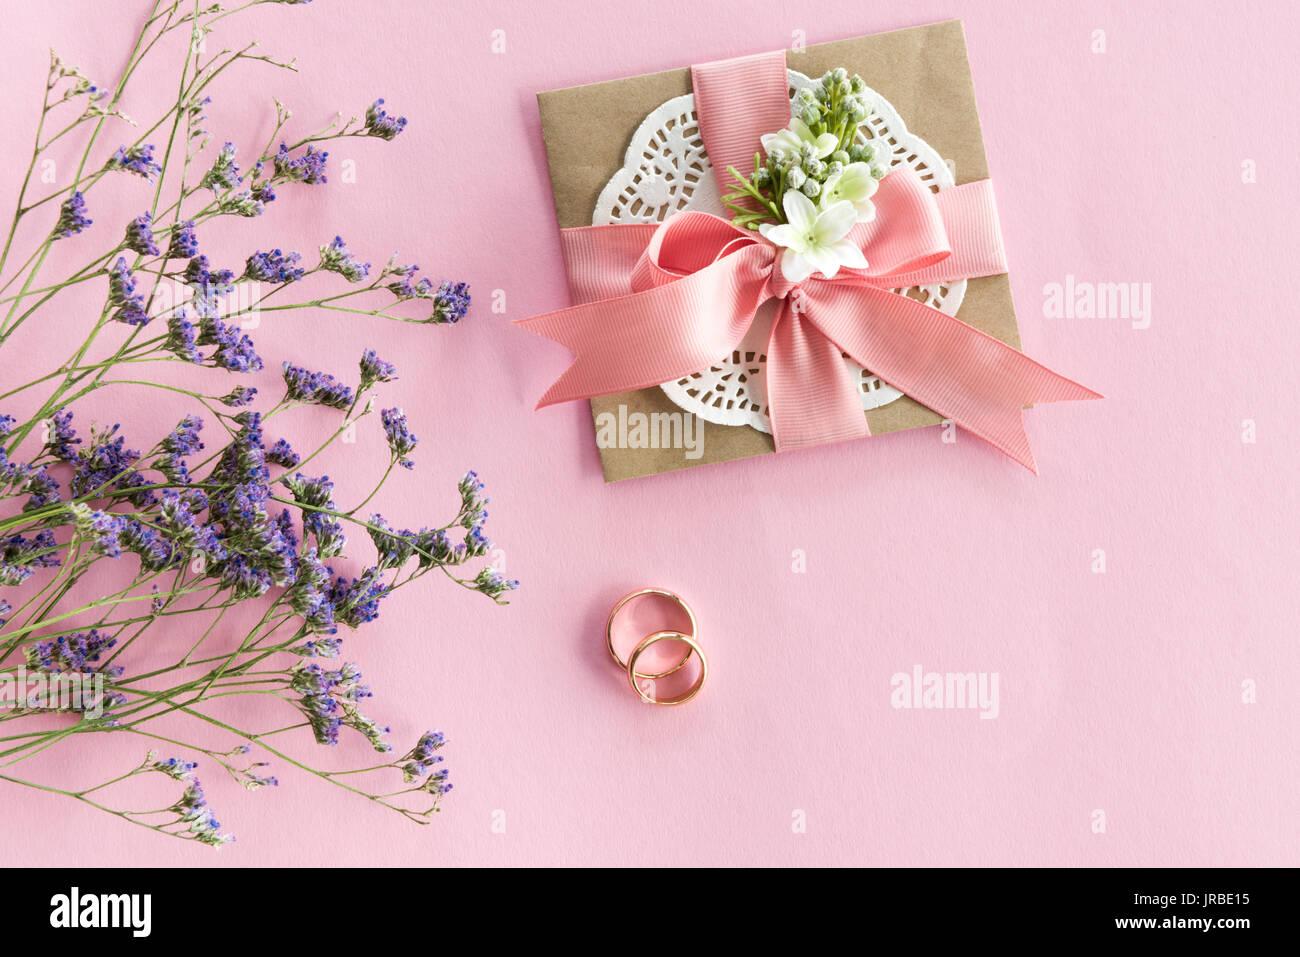 Draufsicht Der Goldene Hochzeit Ringe Dekorativen Umschlag